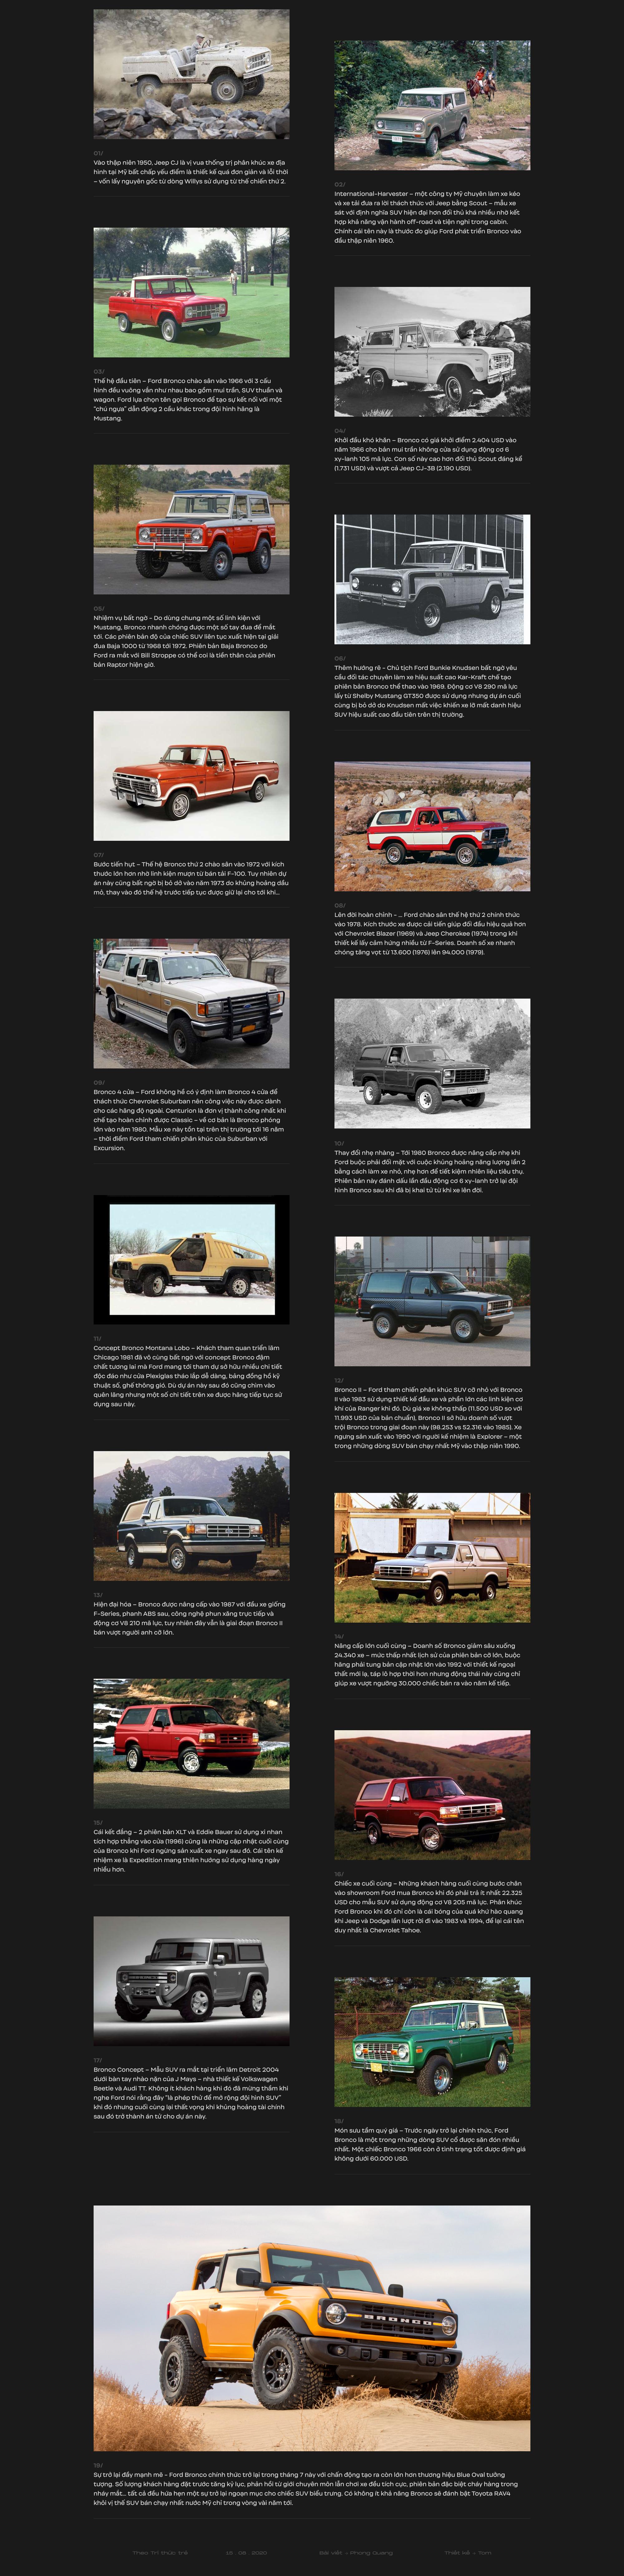 Hành trình của 'ngựa hoang' Ford Bronco: Từ huy hoàng tới quan hệ ít biết với Explorer, Ranger rồi sụp đổ và hồi sinh thành bom tấn - Ảnh 1.